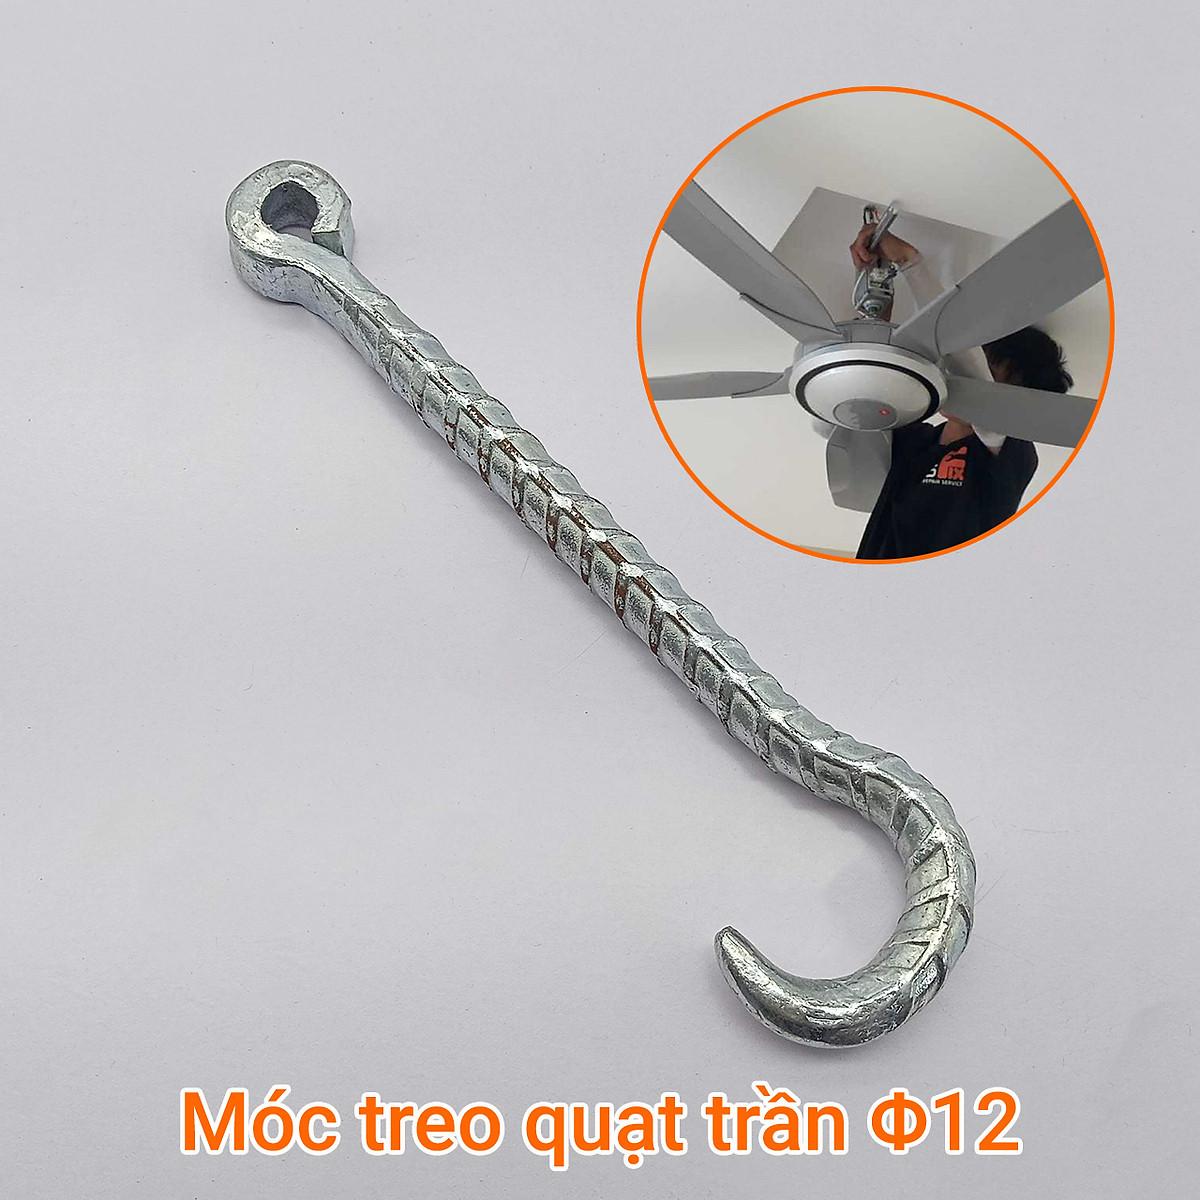 Móc treo quạt trần chất liệu hợp kim thép